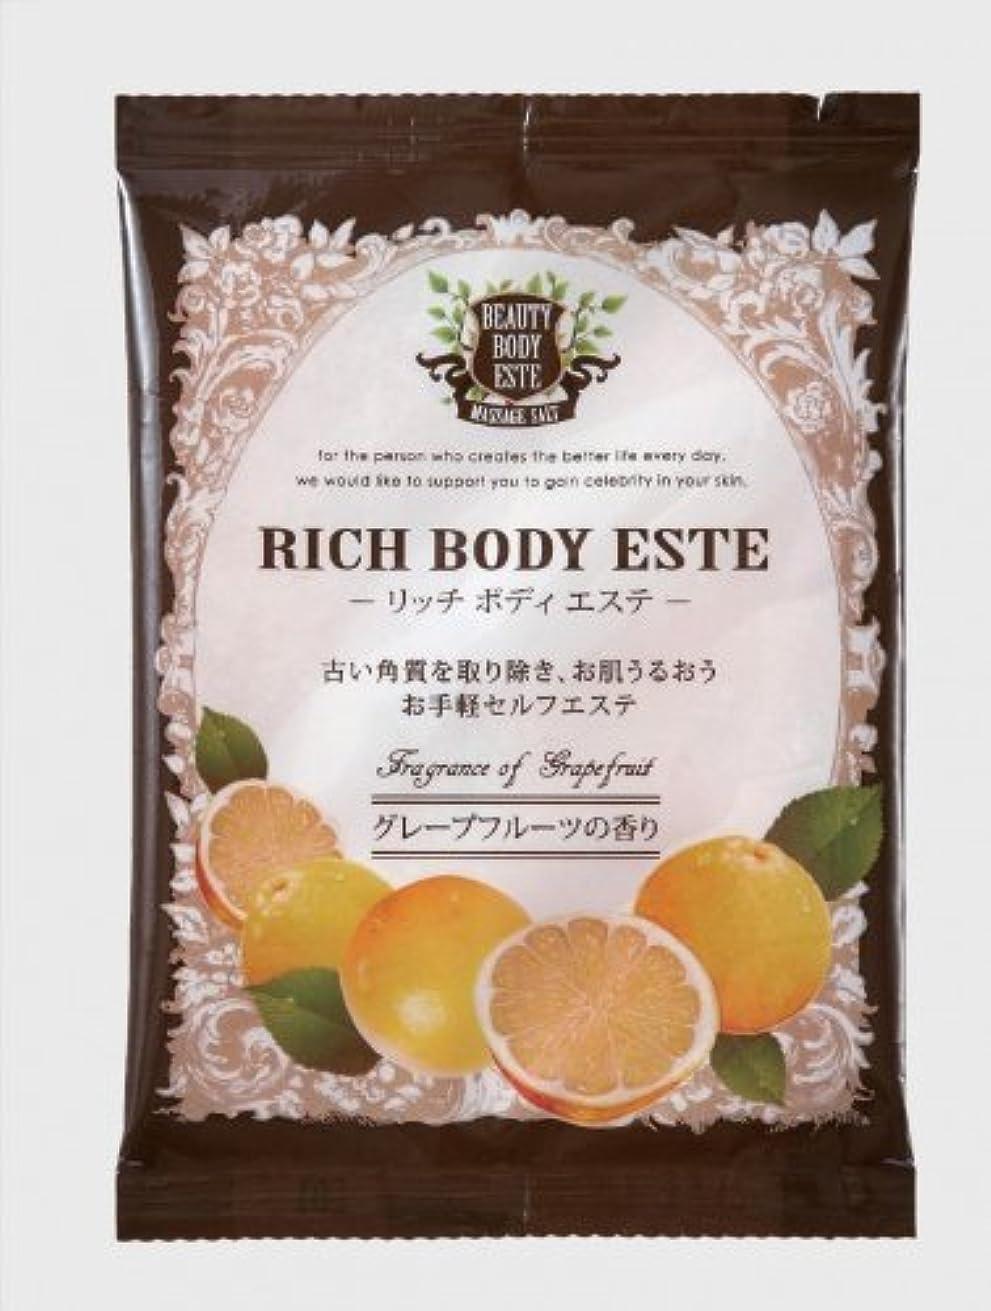 ぜいたく風邪をひくバナナリッチボディエステ マッサージソルト(グレープフルーツの香り)50g (フラワー系)